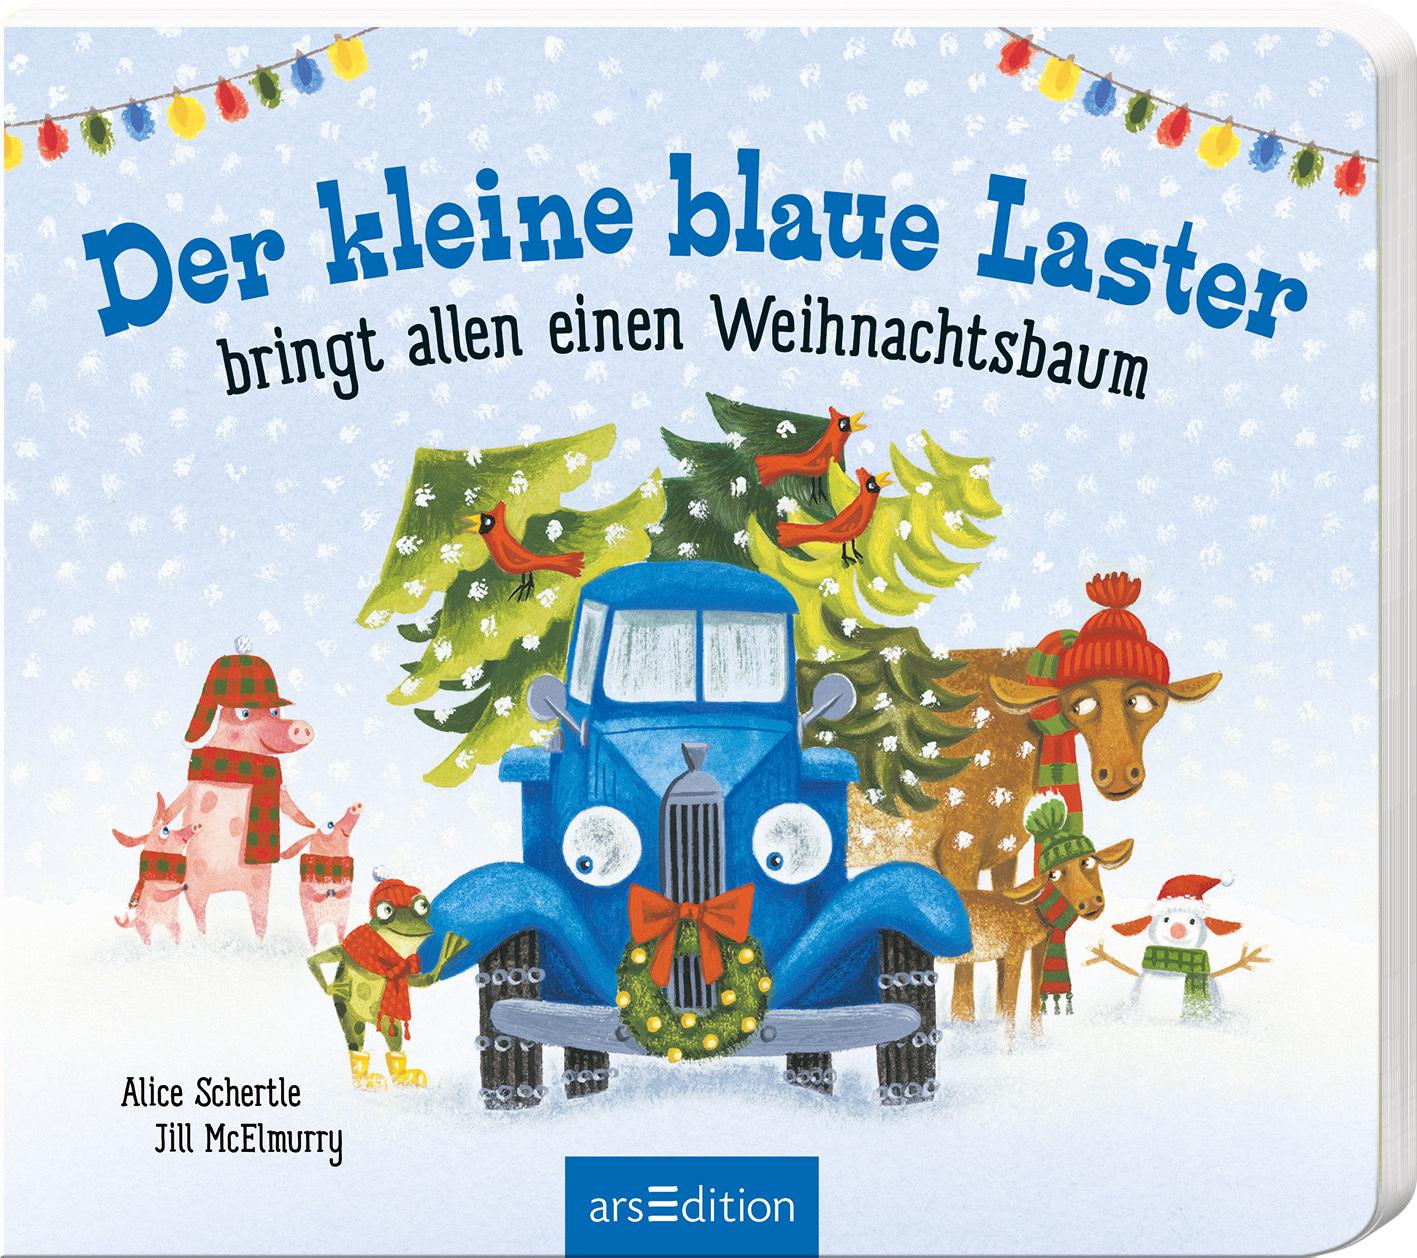 »Der kleine blaue Laster bringt allen einen Weihnachtsbaum« — ARS EDITION